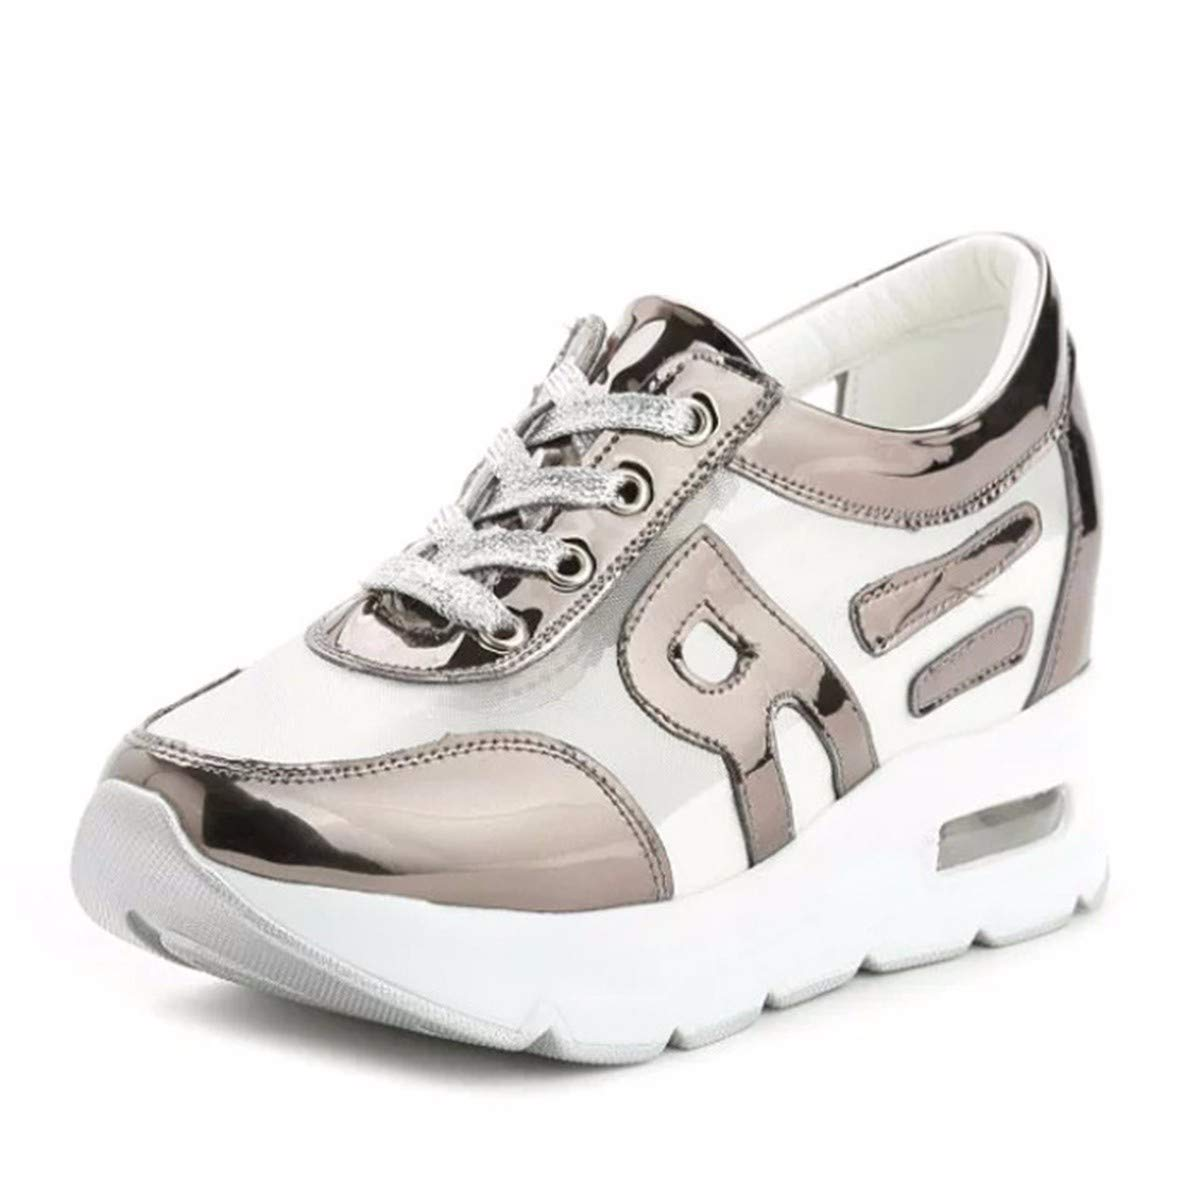 KPHY Damenschuhe Einzelne Freizeit Schuh Gaze Meine Freizeit Einzelne Dicke Sohle Schaukeln Schuhe Gaze Innen Verschärfen.Farbe Rauben 37 d139b7